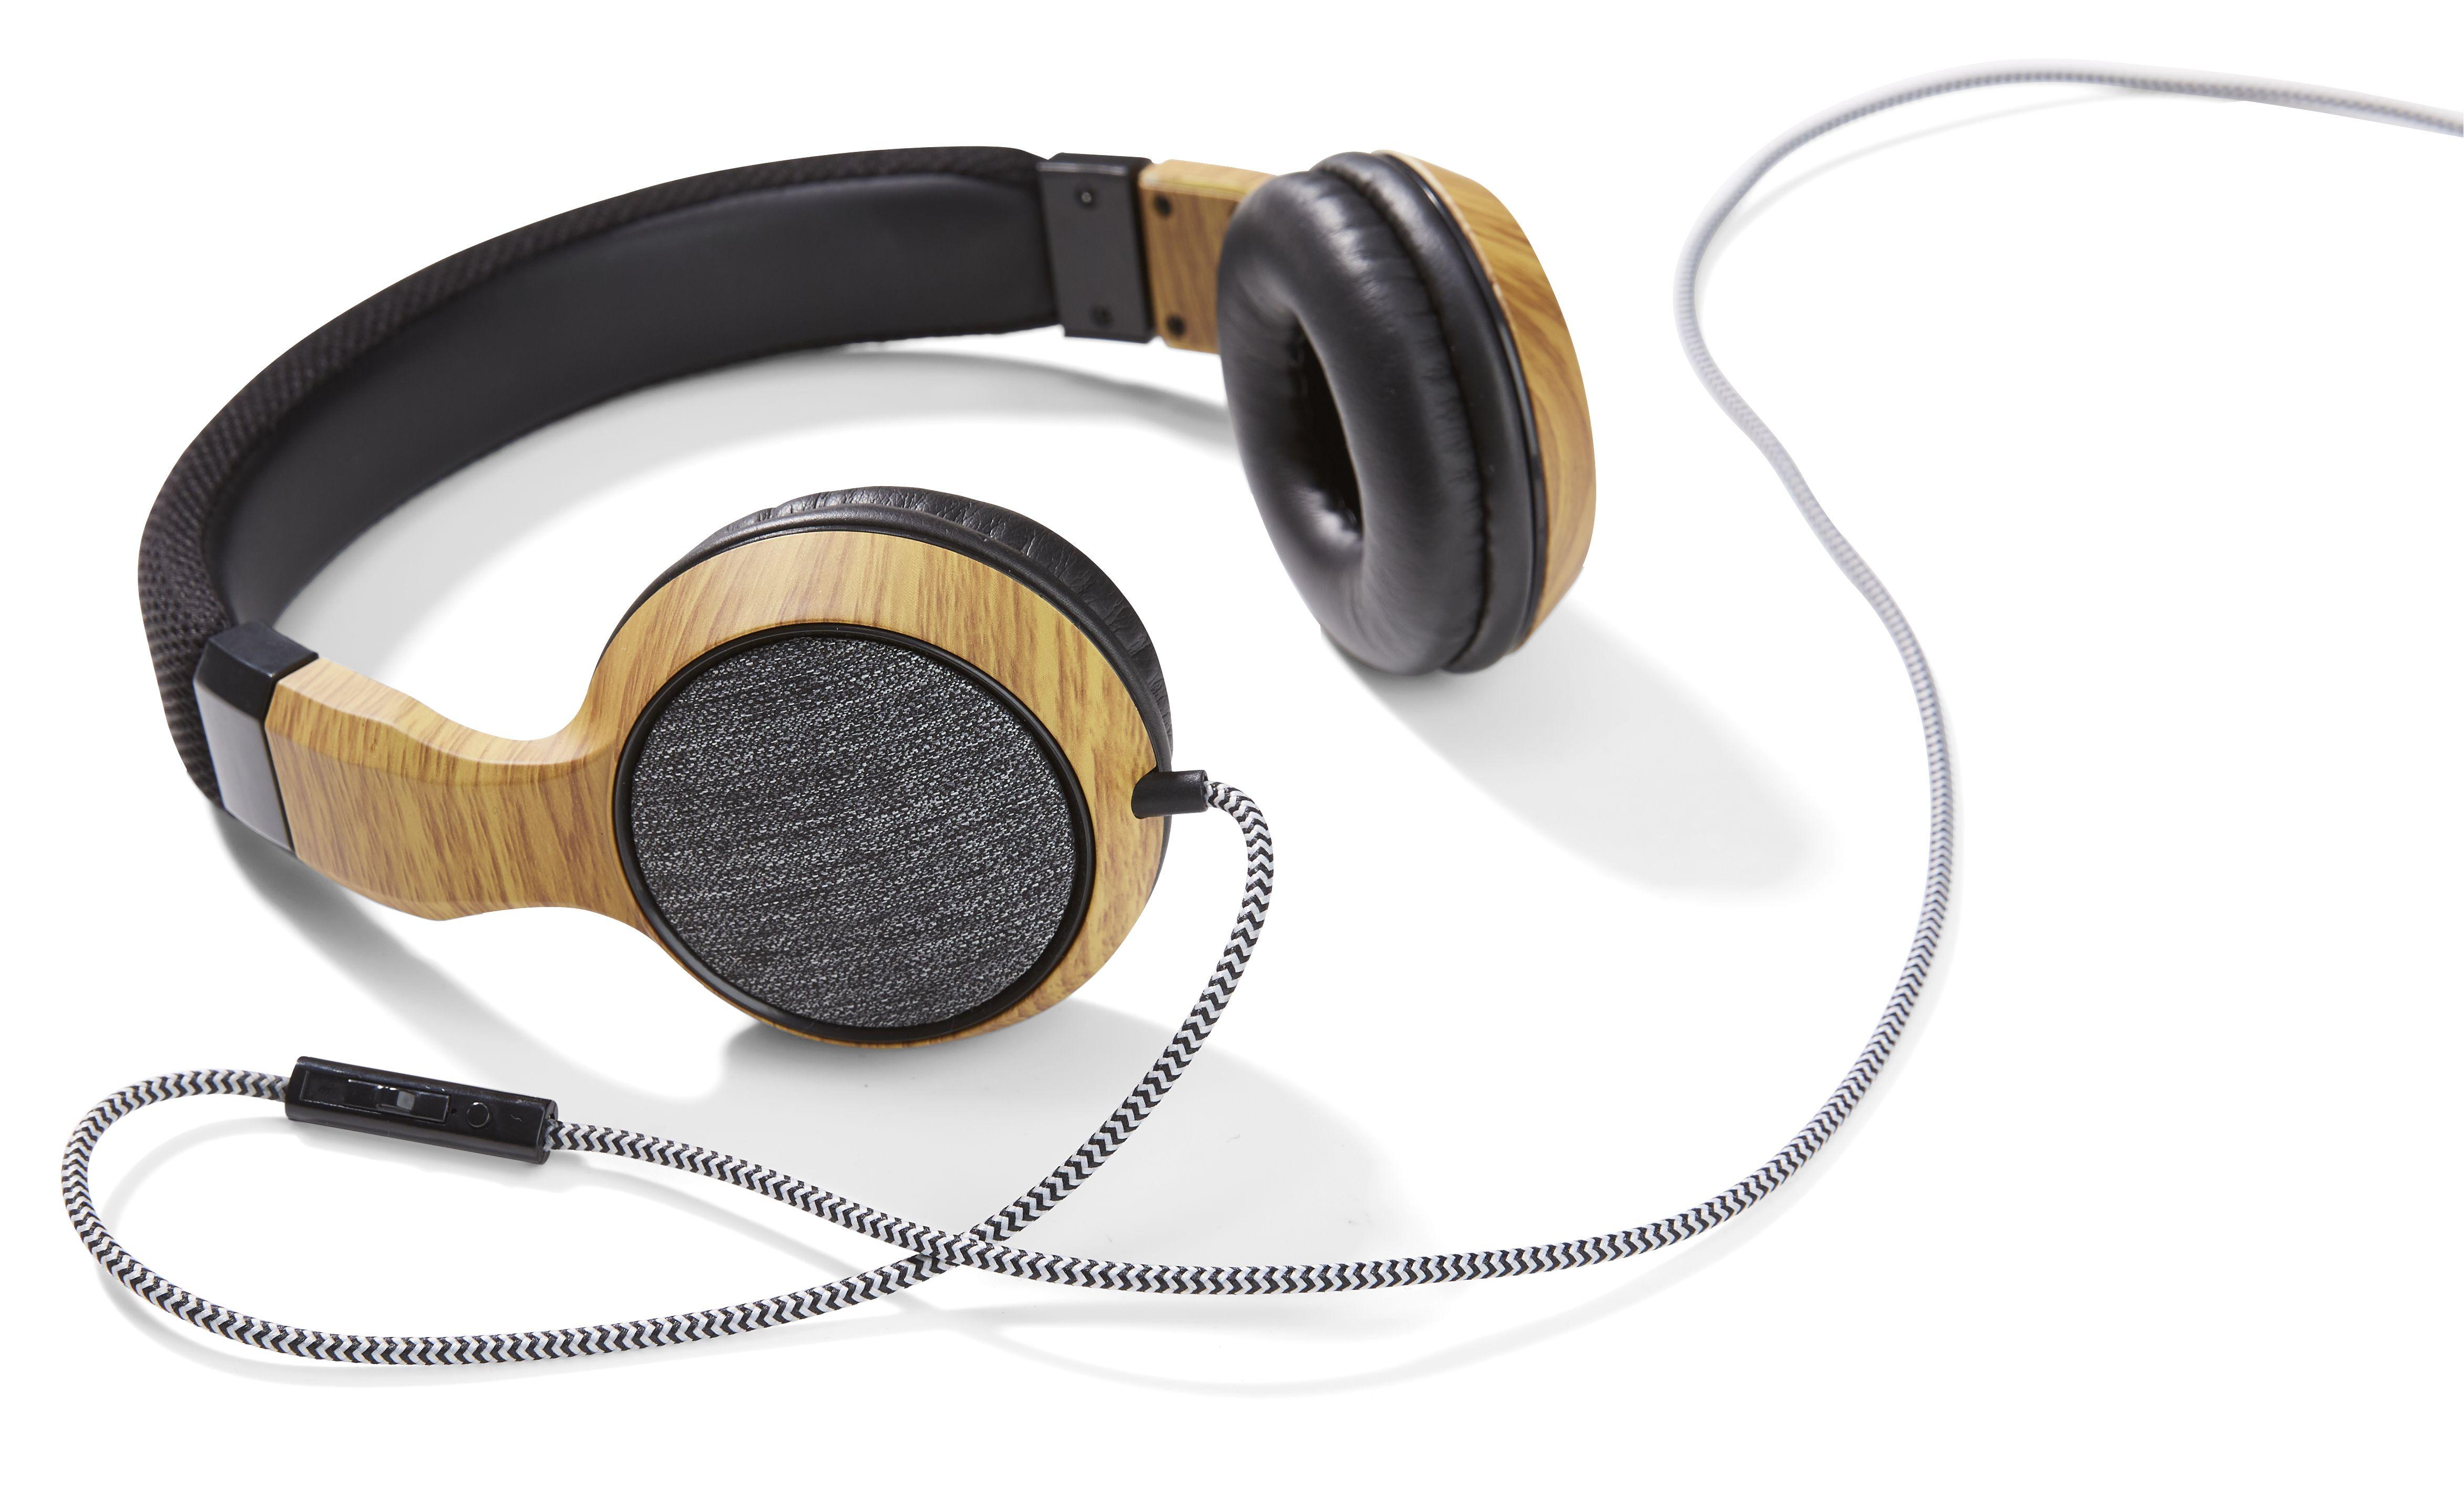 Kmart Headphones, RRP$15.00